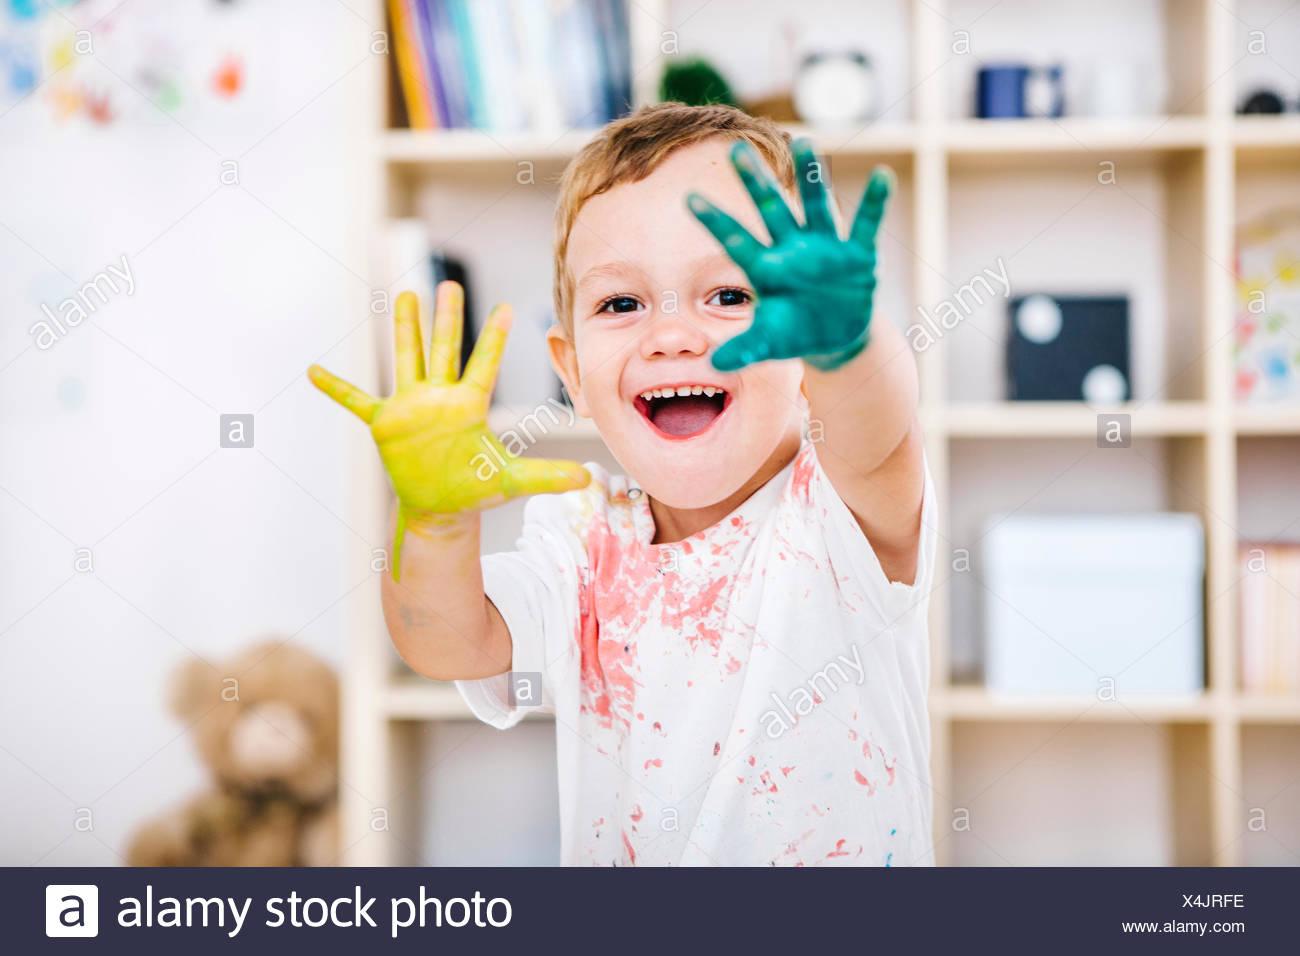 Retrato de niño sonriente mostrando sus manos pintadas Foto de stock